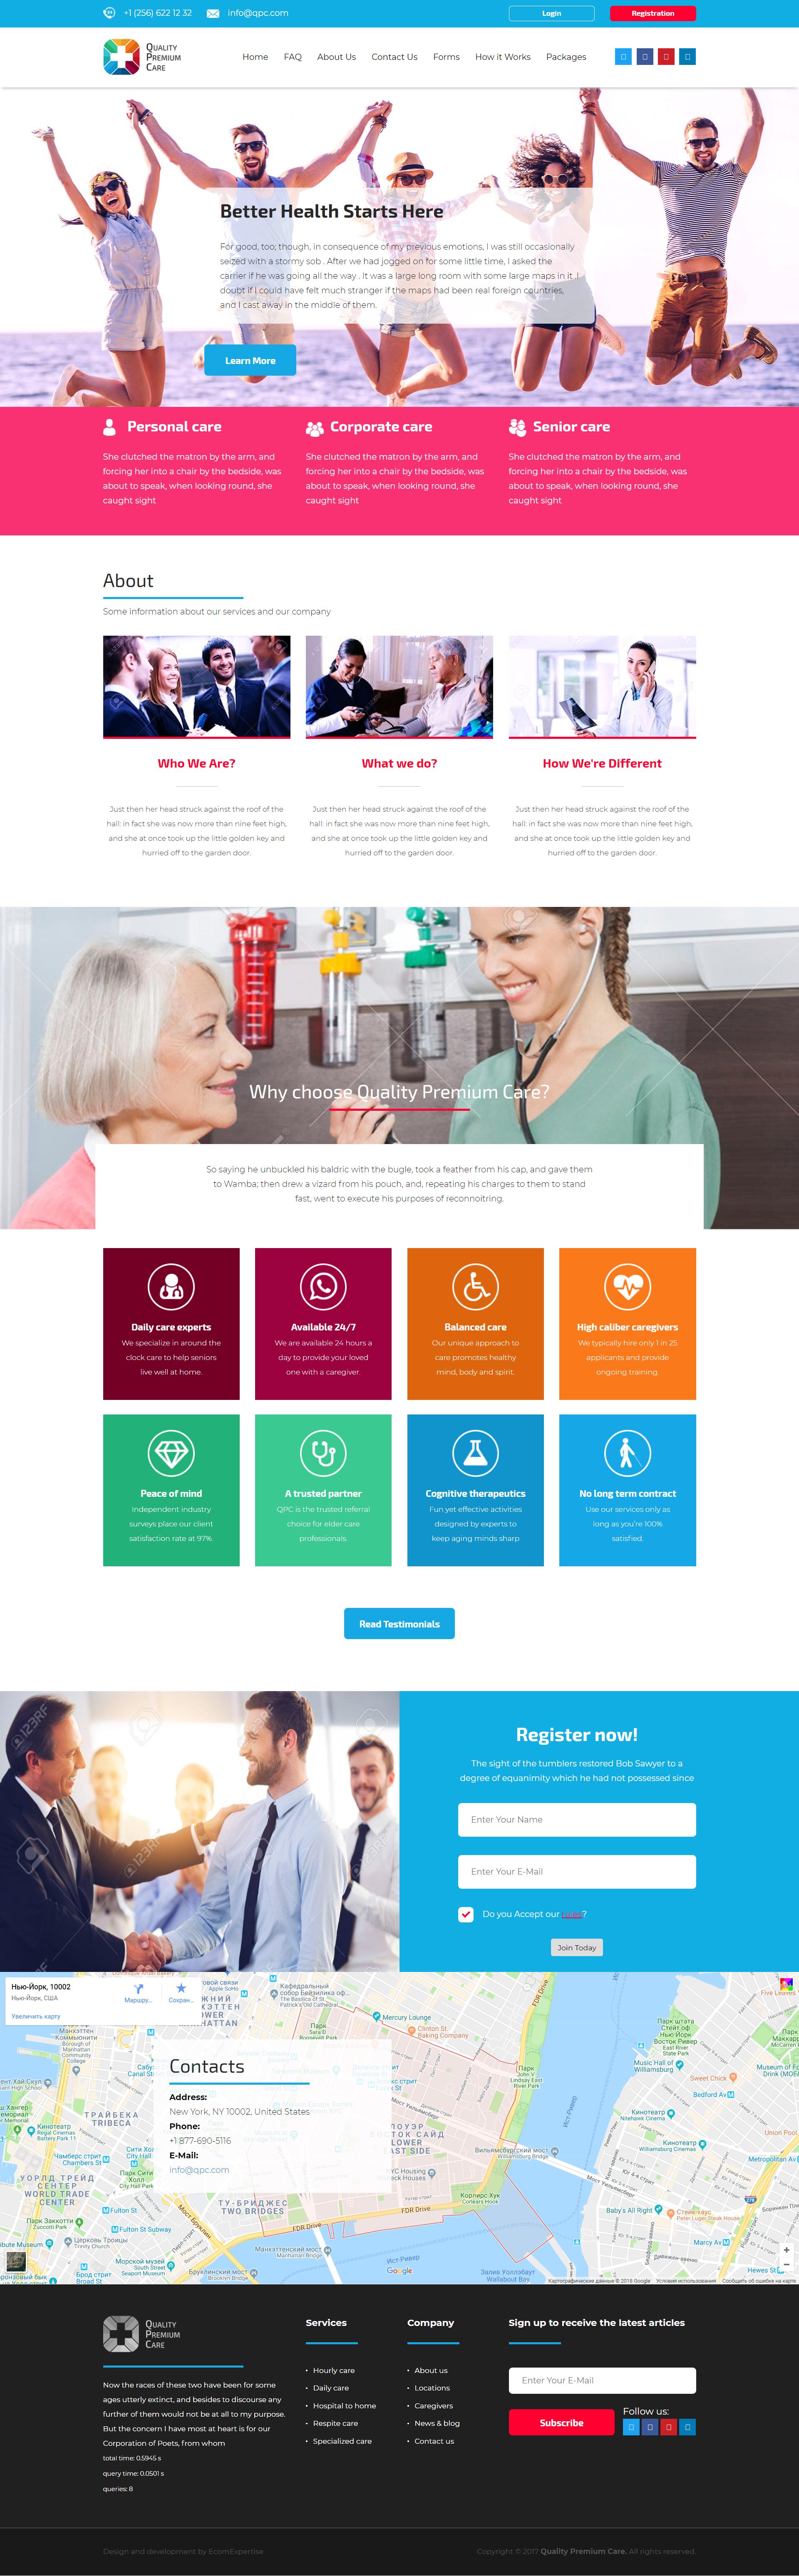 QualityPremiumCare - CRM для страхования здоровья